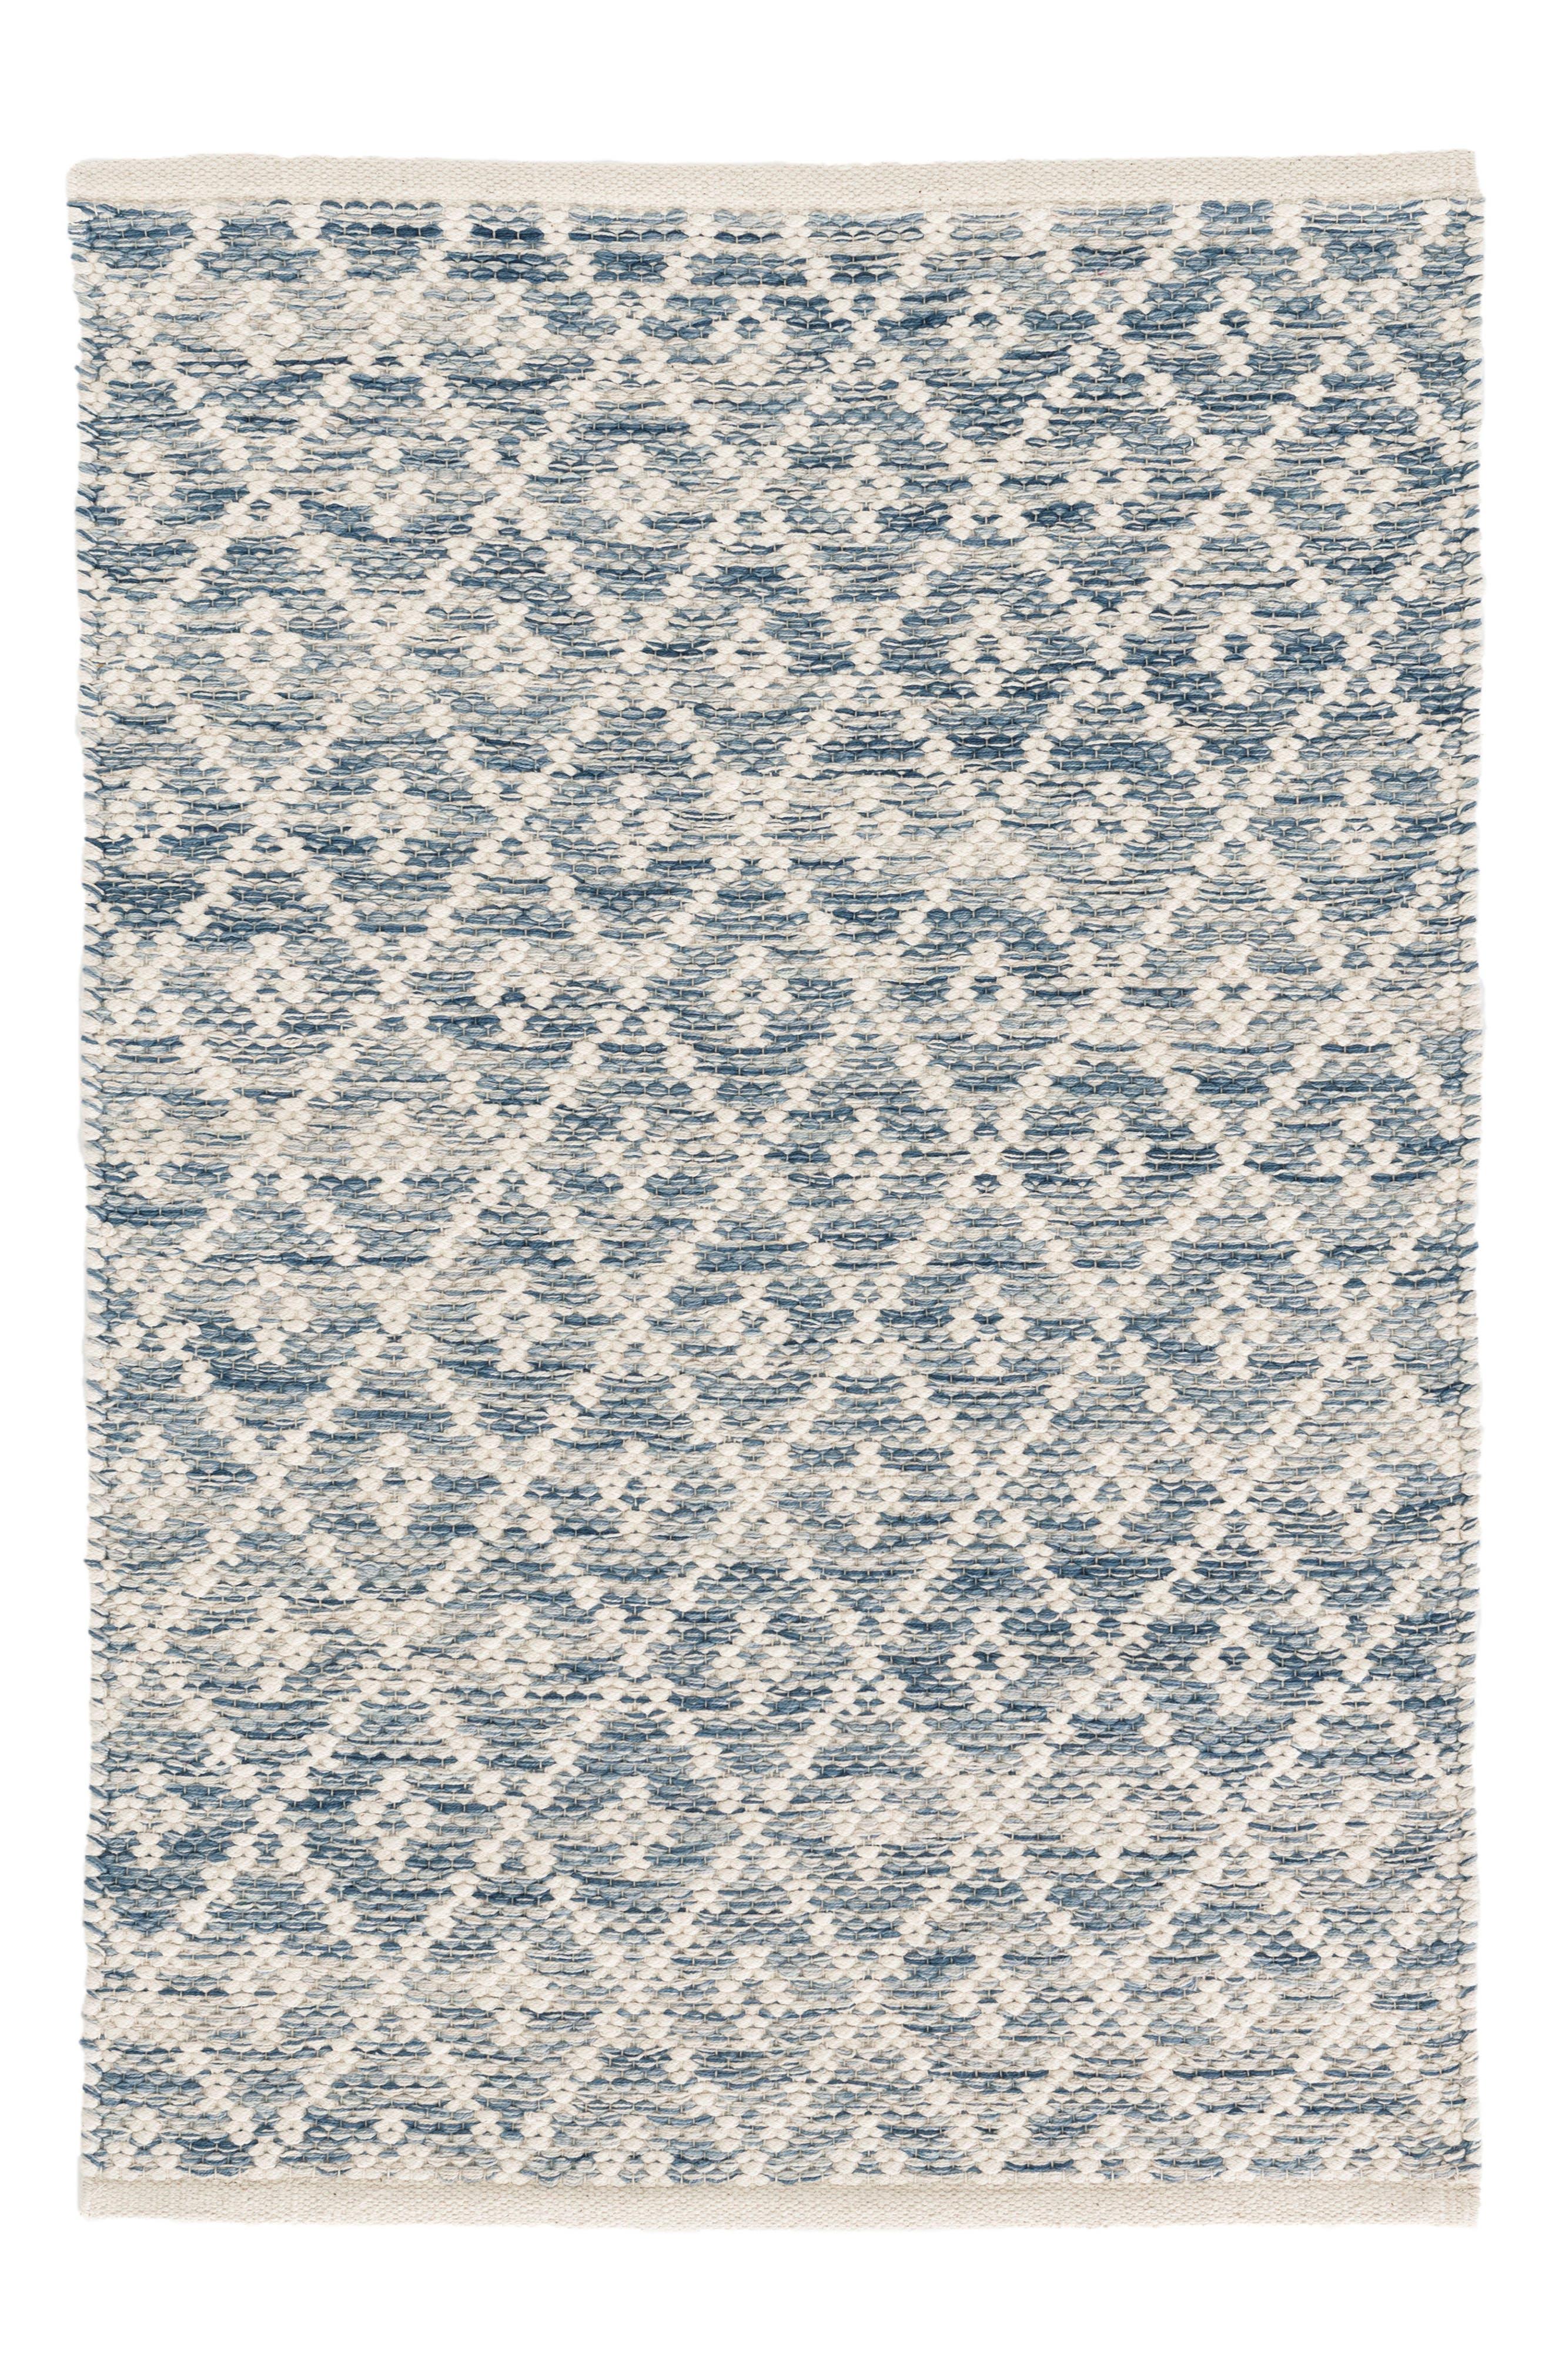 Melange Diamond Woven Rug,                             Main thumbnail 1, color,                             BLUE